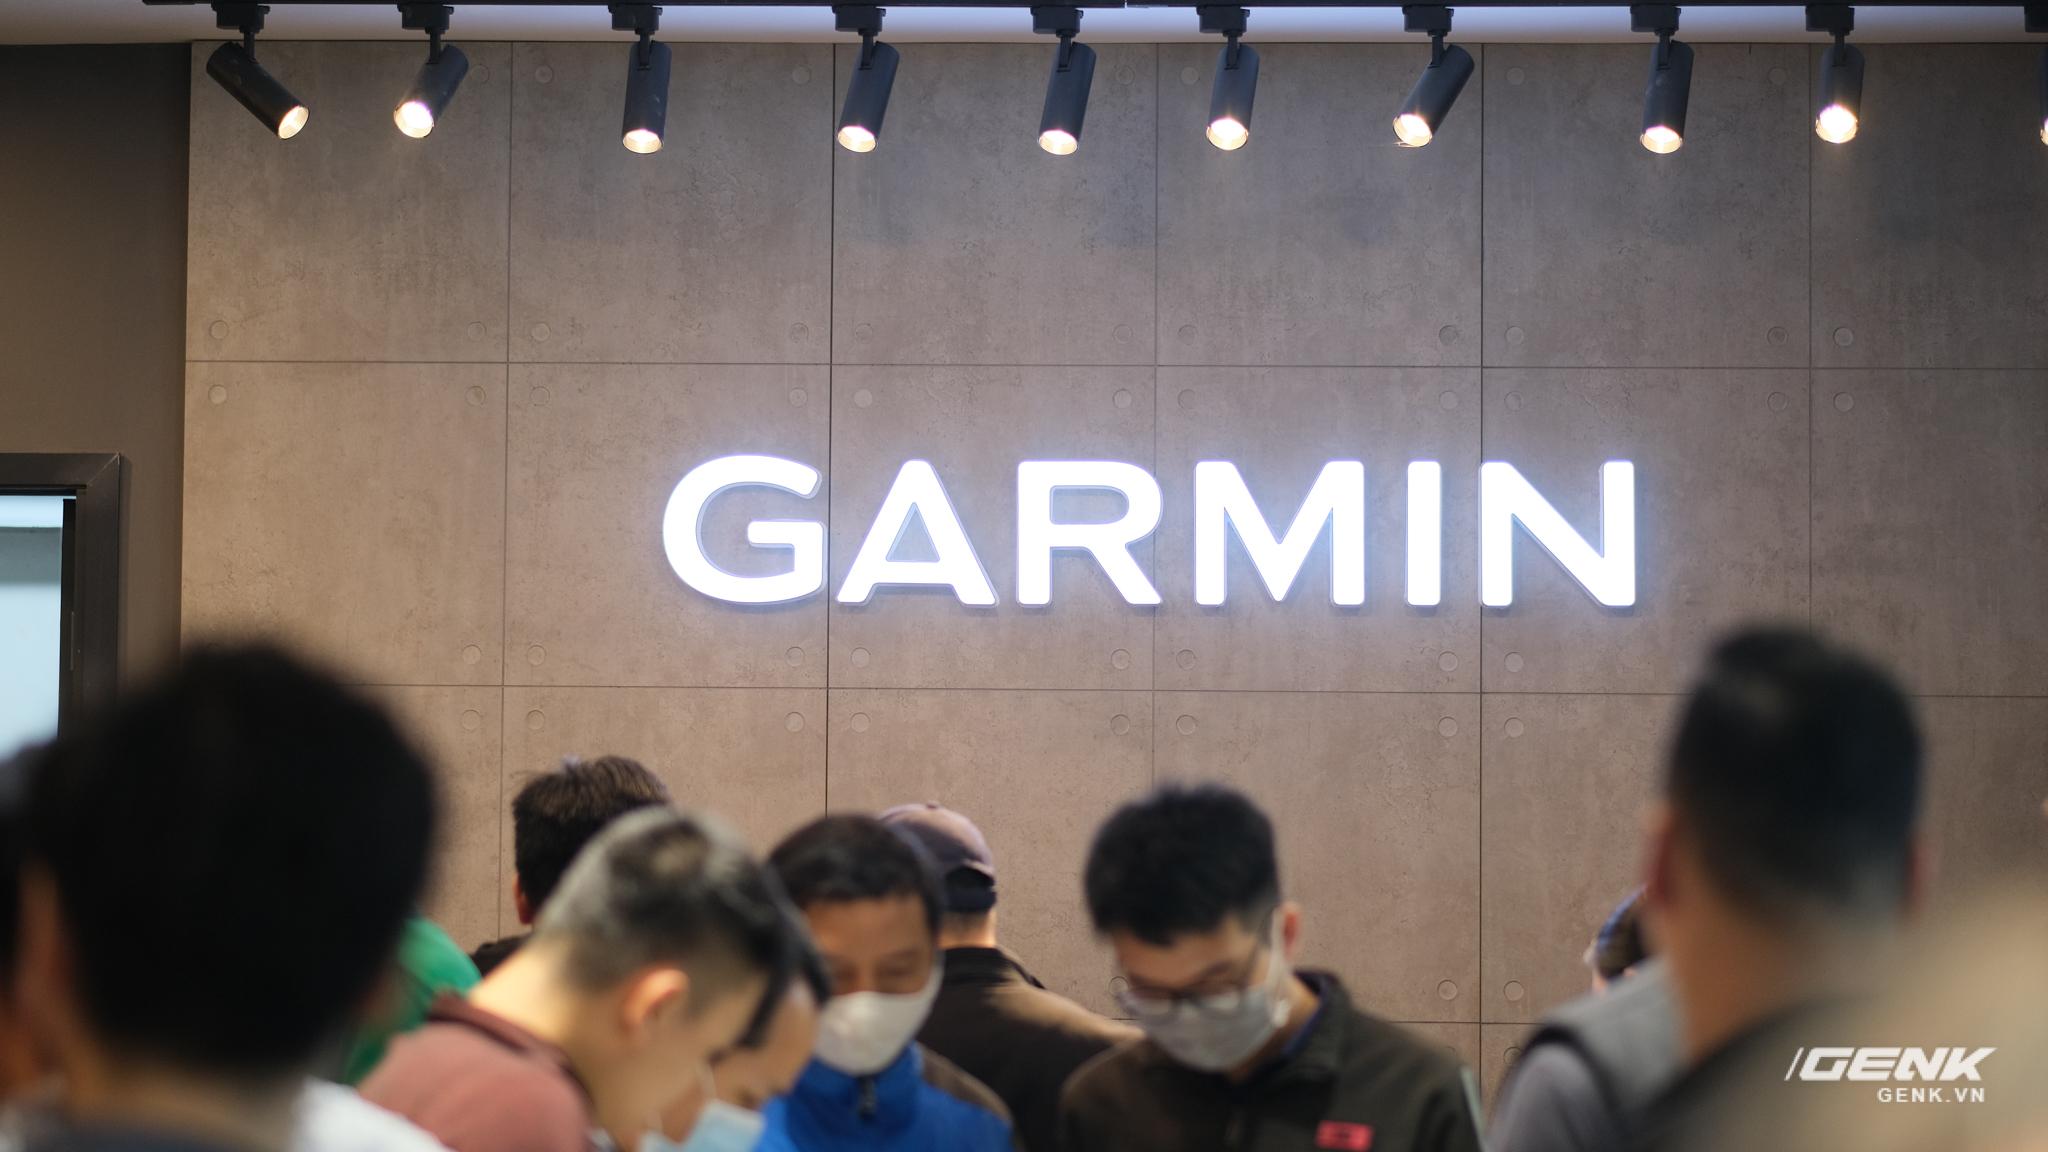 Garmin khai trương cửa hàng thương hiệu đầu tiên tại Việt Nam - Ảnh 1.